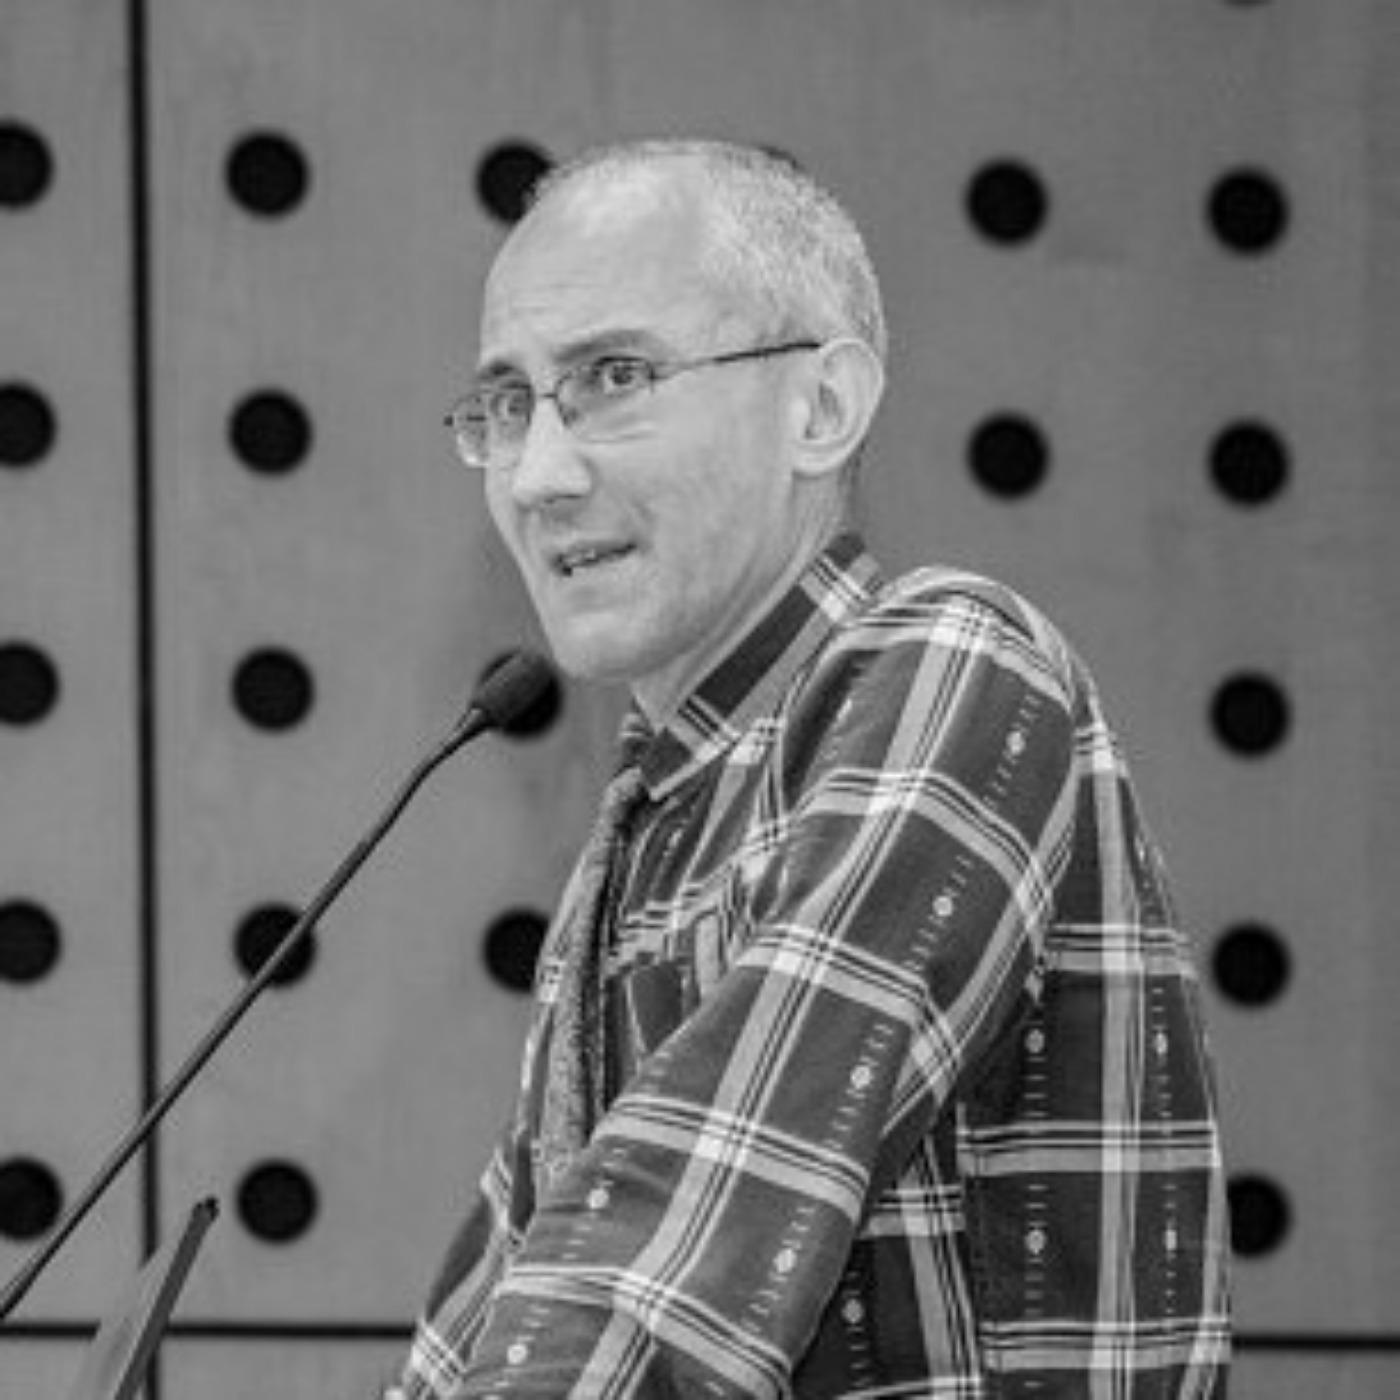 Épisode #70 - Bruno Donatini : Quels sont les bons régimes alimentaires dans cette jungle nutritionnelle ?